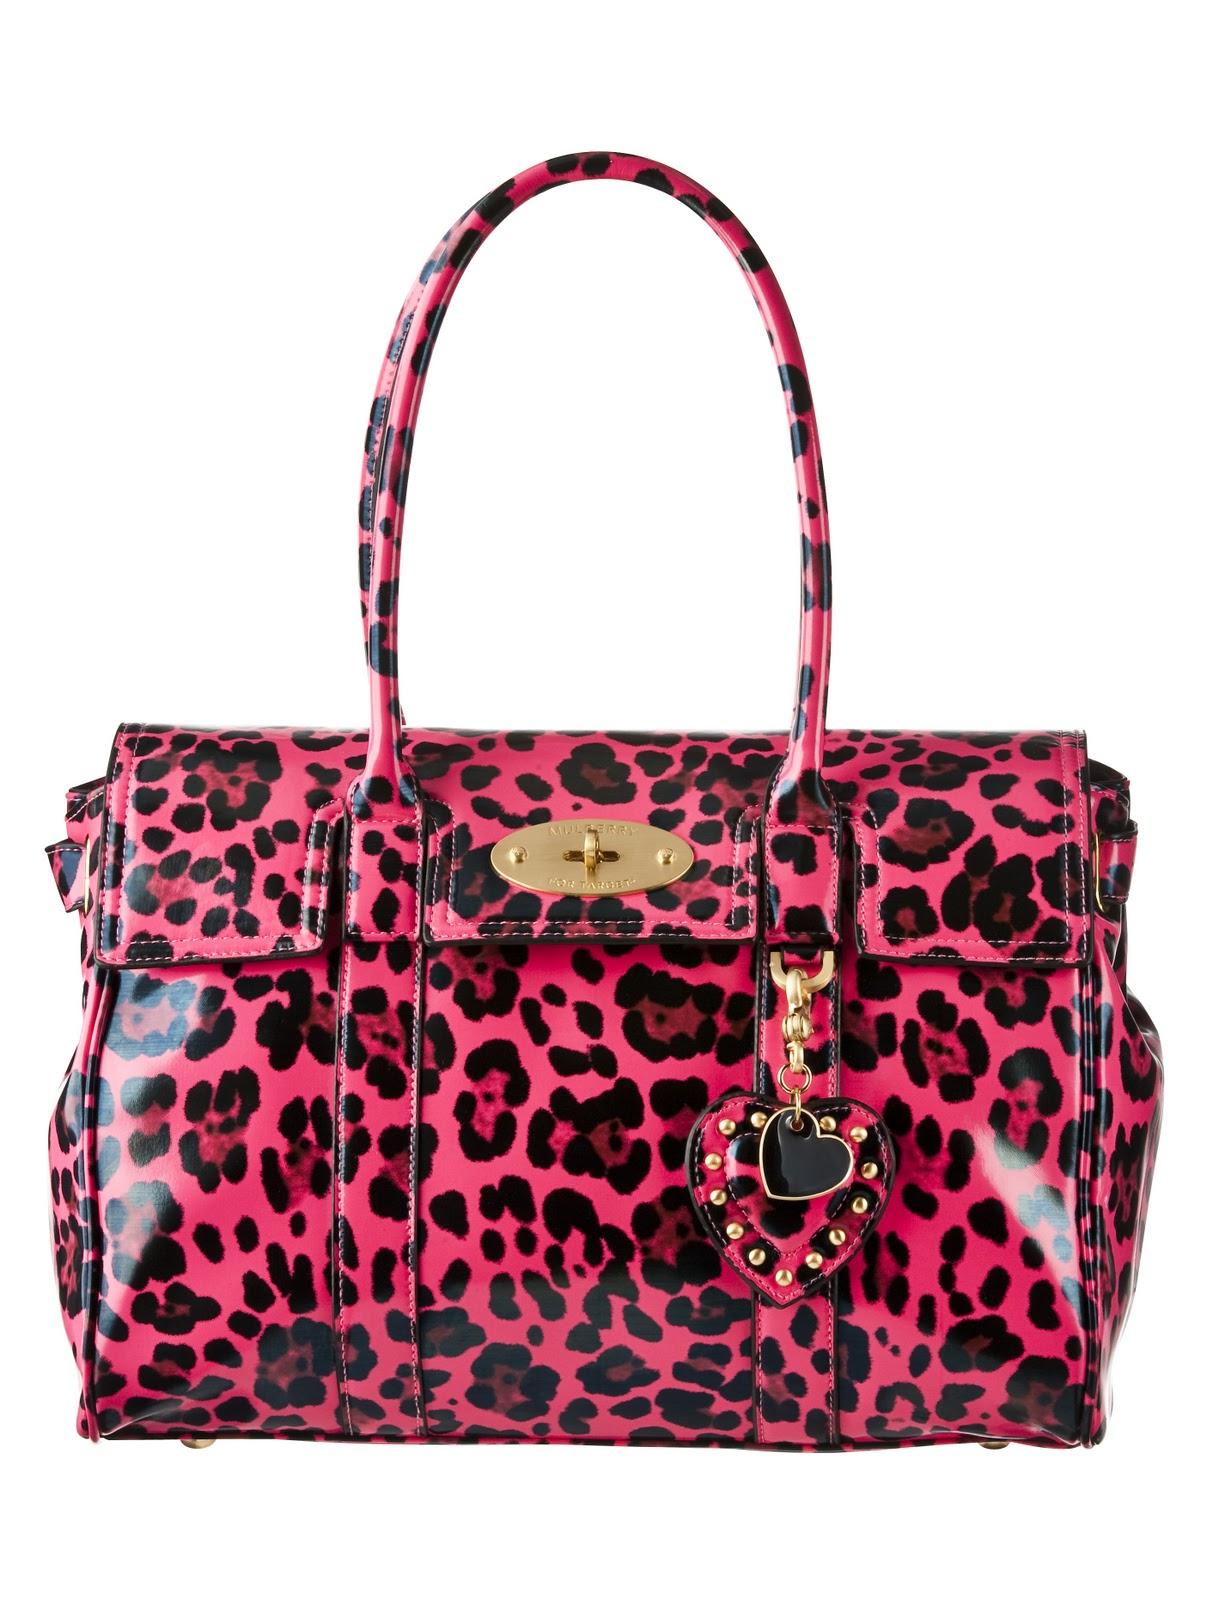 http://4.bp.blogspot.com/_tHQ1gA2brsc/TK-lxubNMqI/AAAAAAAAGXw/Hz4UpZ8JTcM/s1600/Mulberry+for+Target+Look+01.jpg